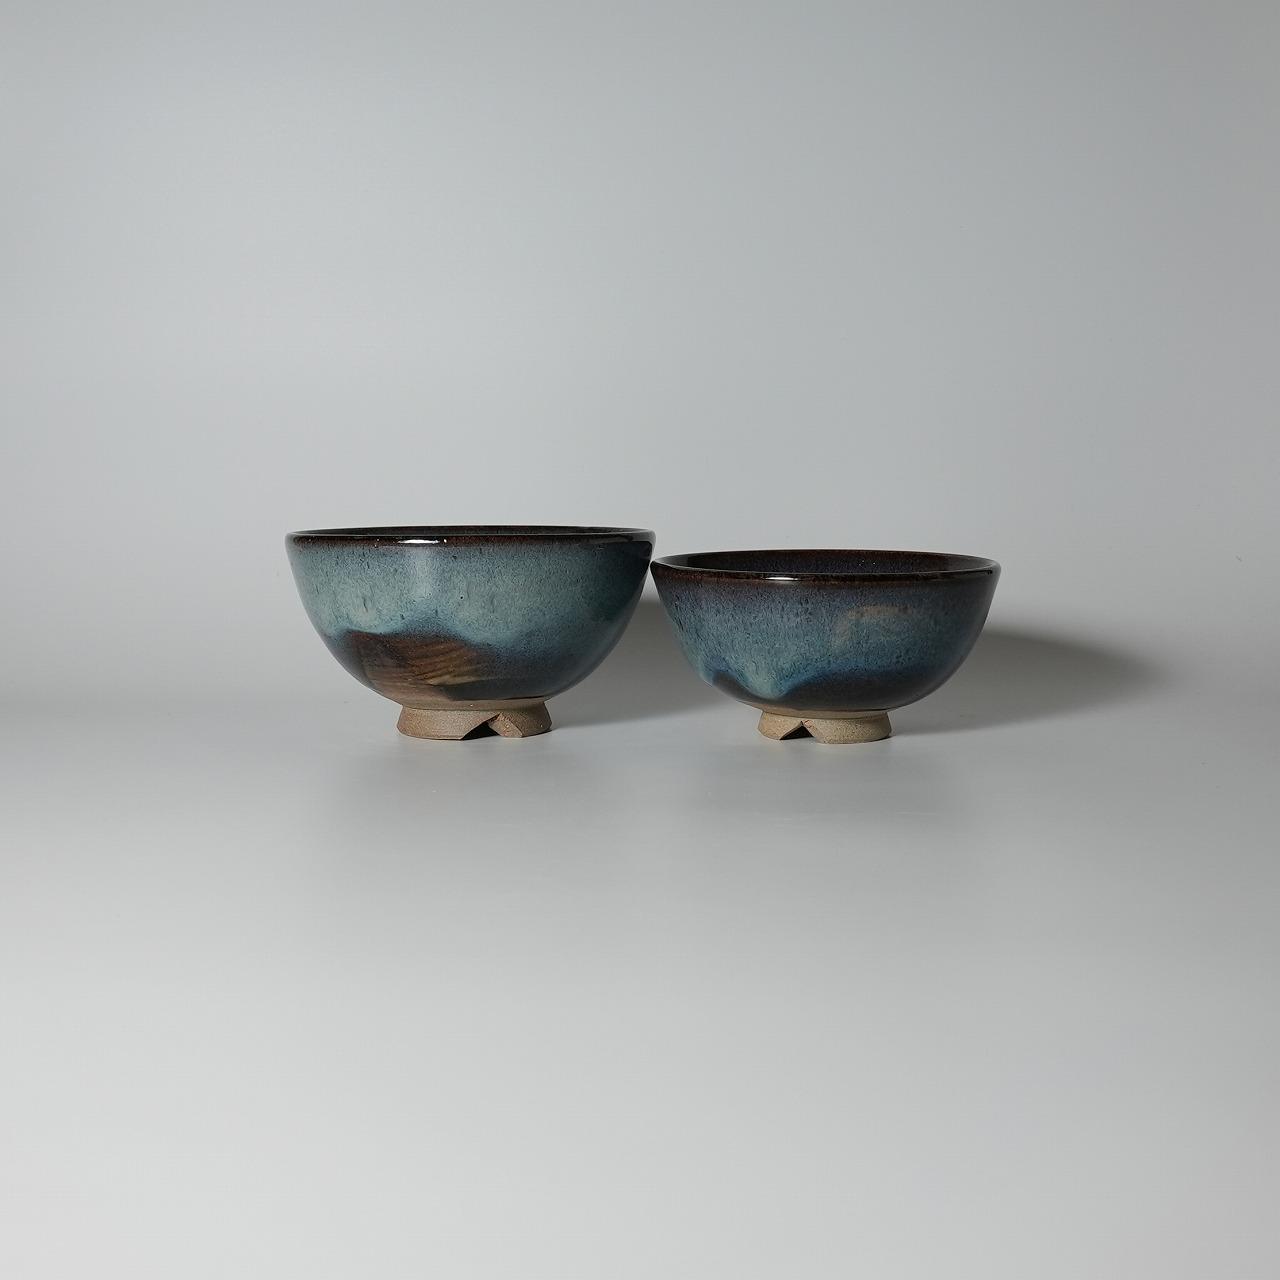 萩焼 青萩組茶椀 清玩作 木箱入 Japanese ceramic Hagi-ware. Set of 2 aohagi meoto meshiwan bowl with wooden box.